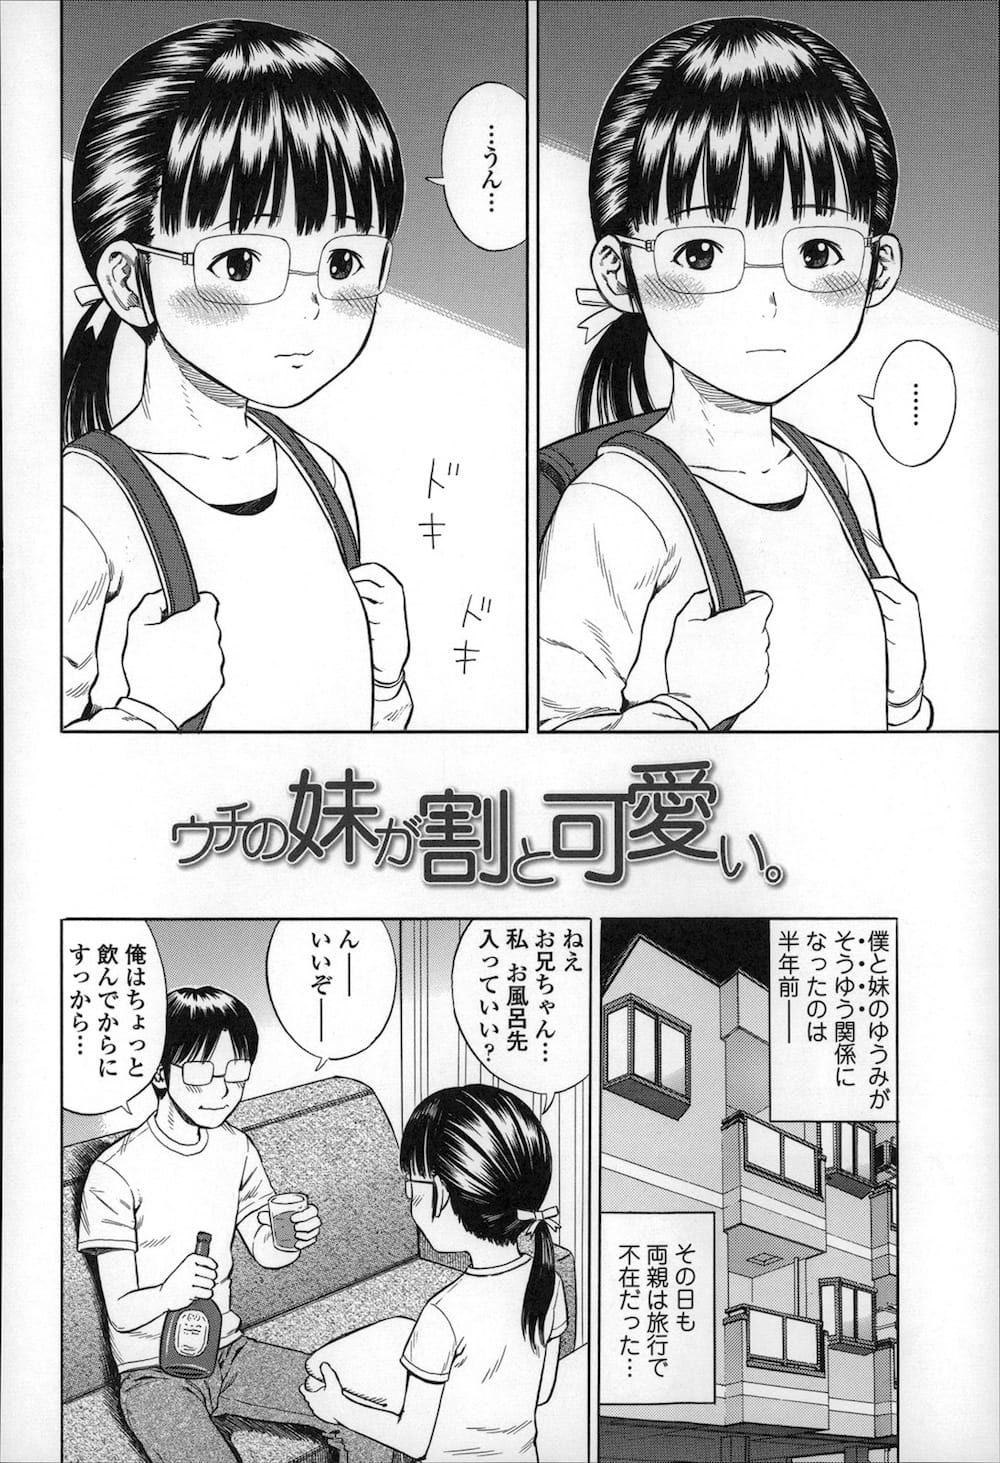 【エロ漫画】両親が不在の時におっとりしているメガネロリ妹とセックスしたら妹がSに目覚めてしまったwww 003